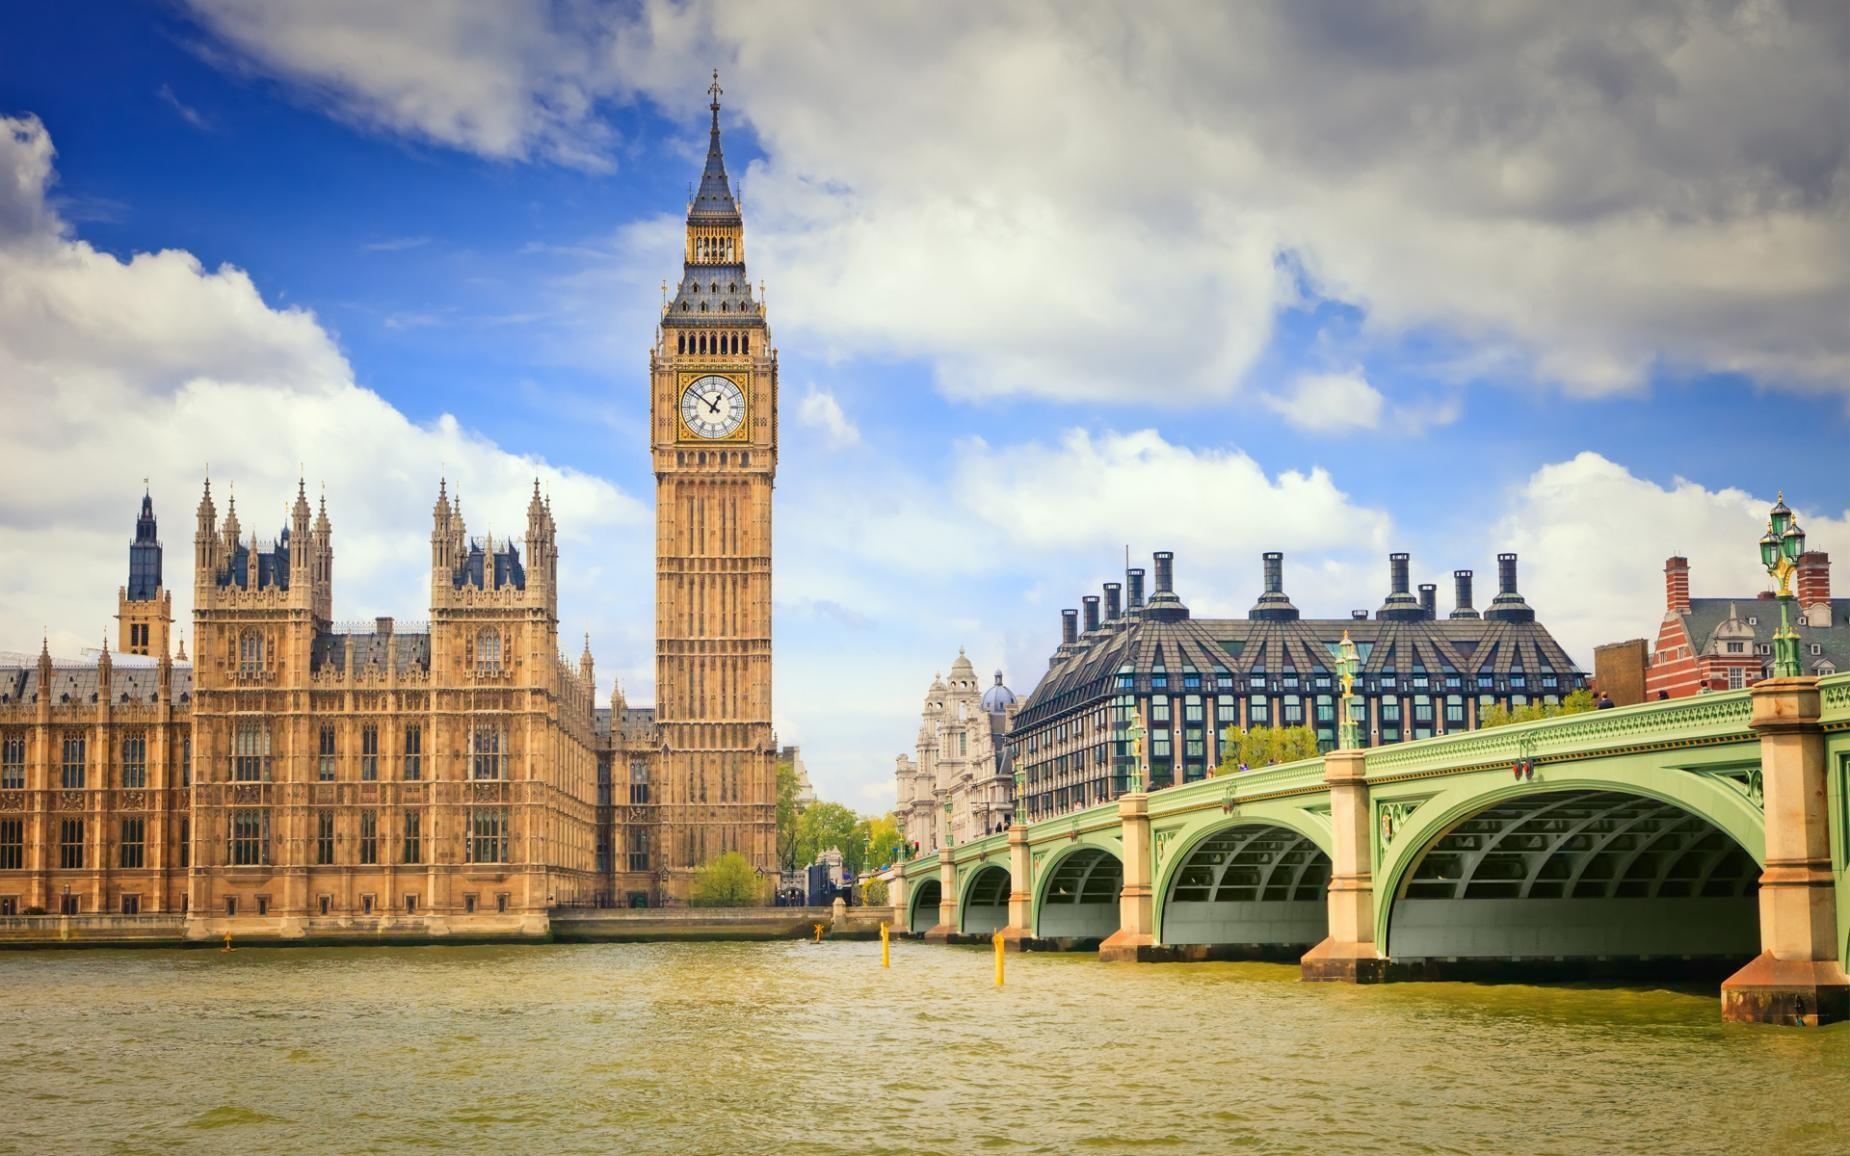 伦敦景点景区图片-伦敦风景名胜图片-伦敦旅游照片